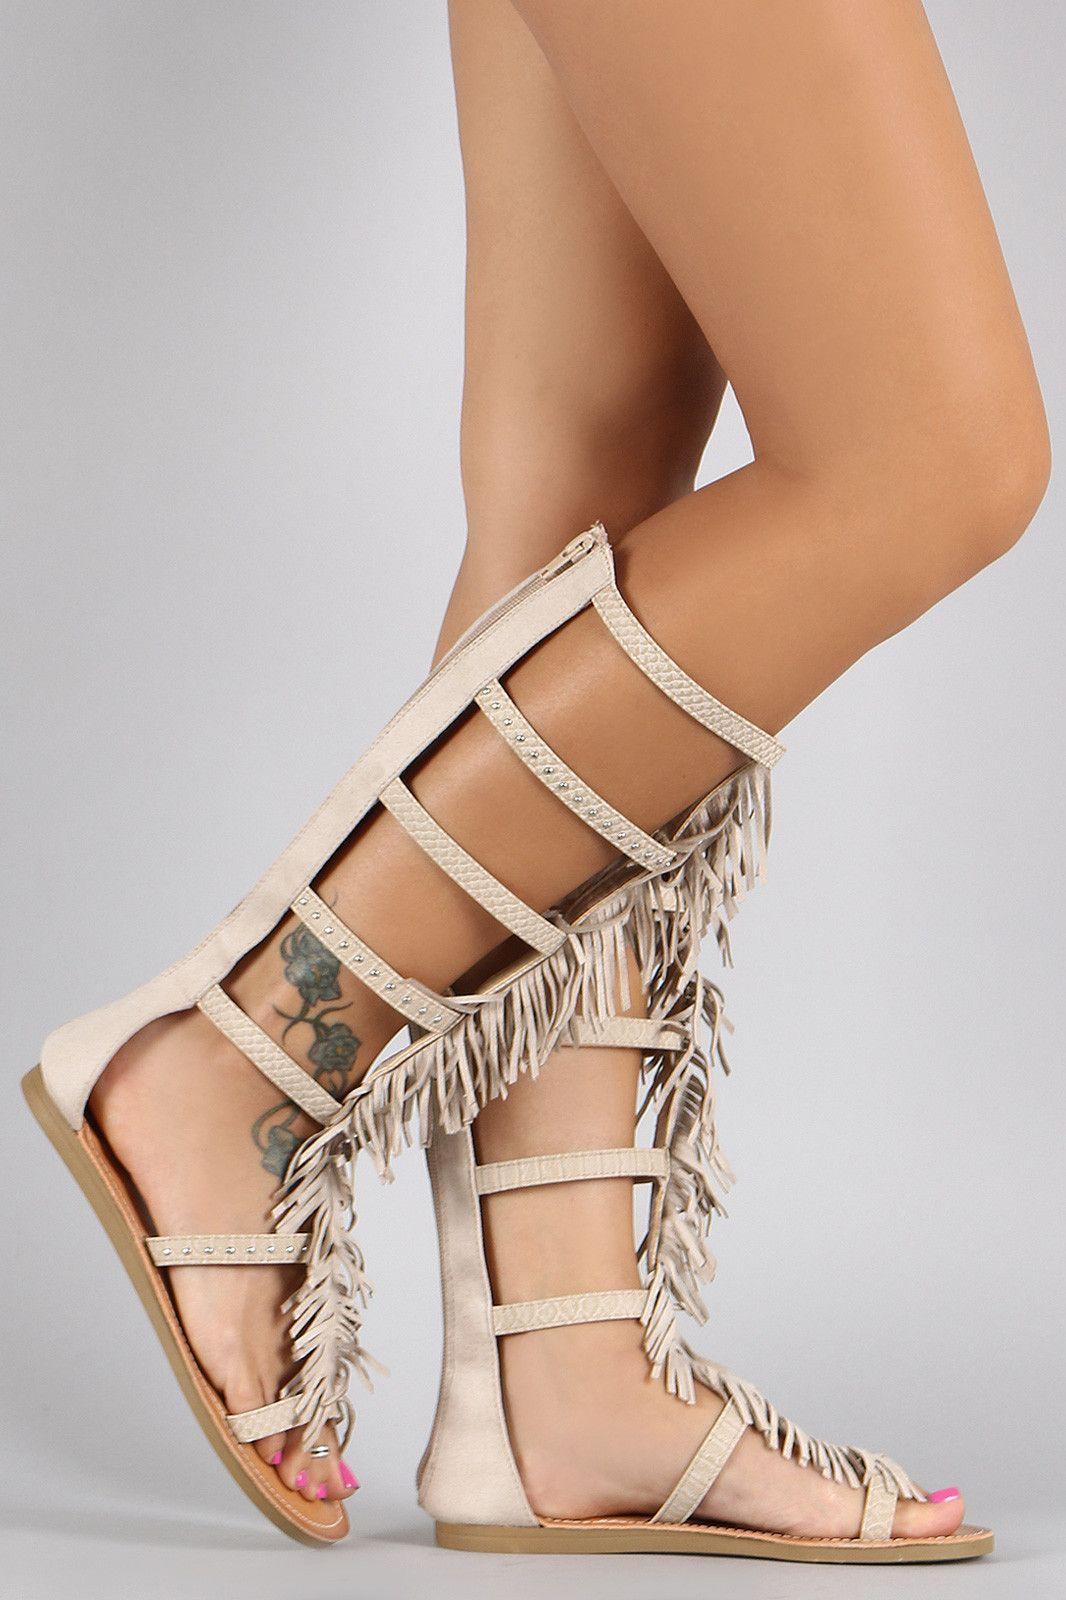 Soda Studded Fringe Studded Gladiator Flat Sandals